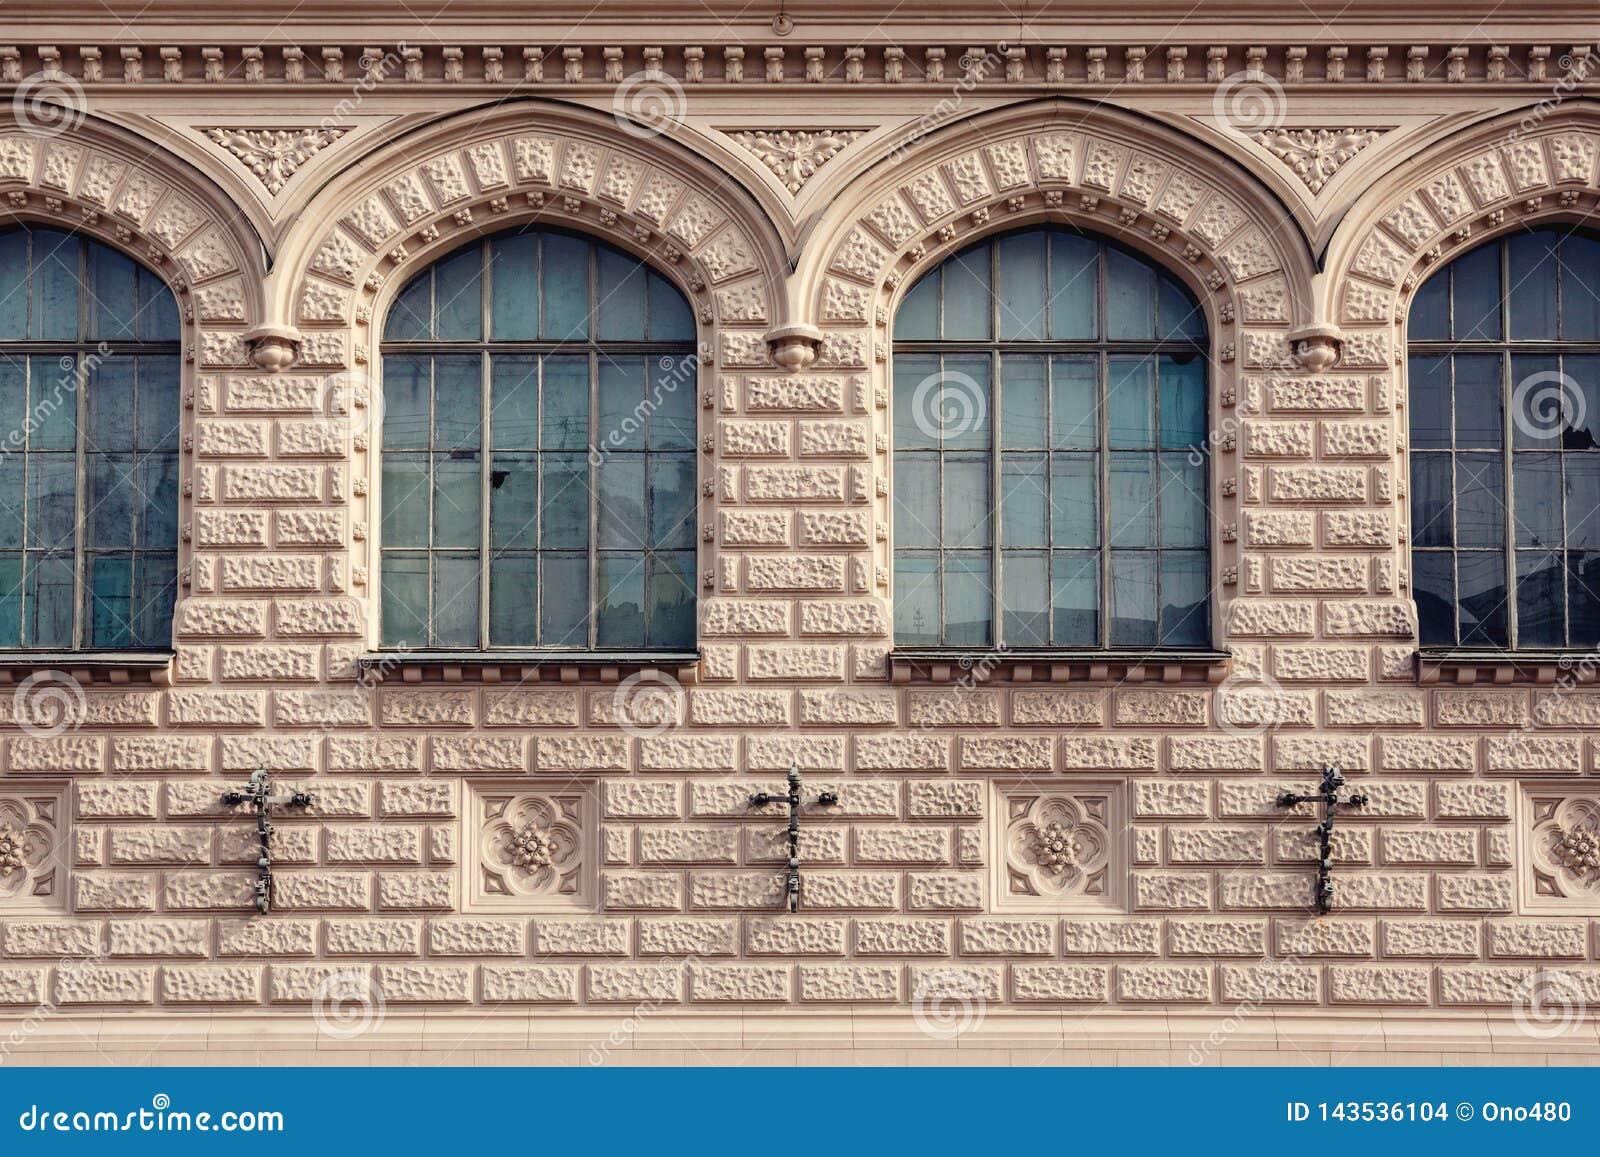 Πρόσοψη ενός ιστορικού κτηρίου με τα μετωπικά παράθυρα